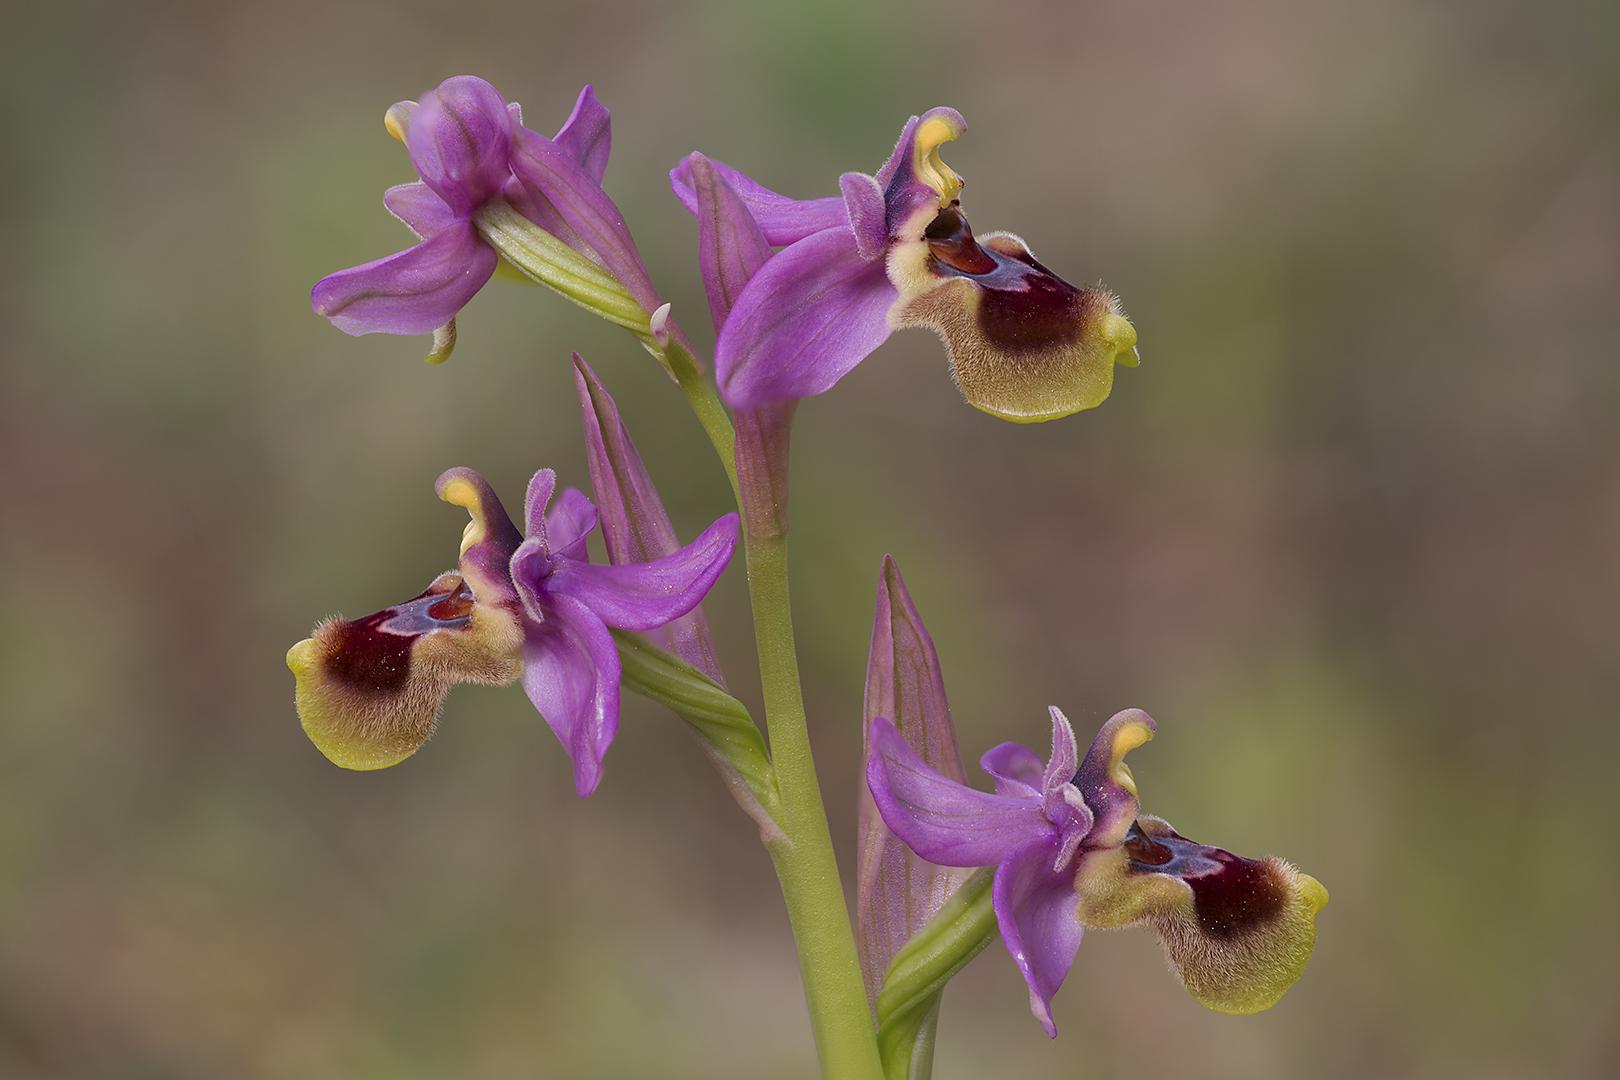 5752-59 Ophrys tenthredinifera 29-03-2015 B_V_1620